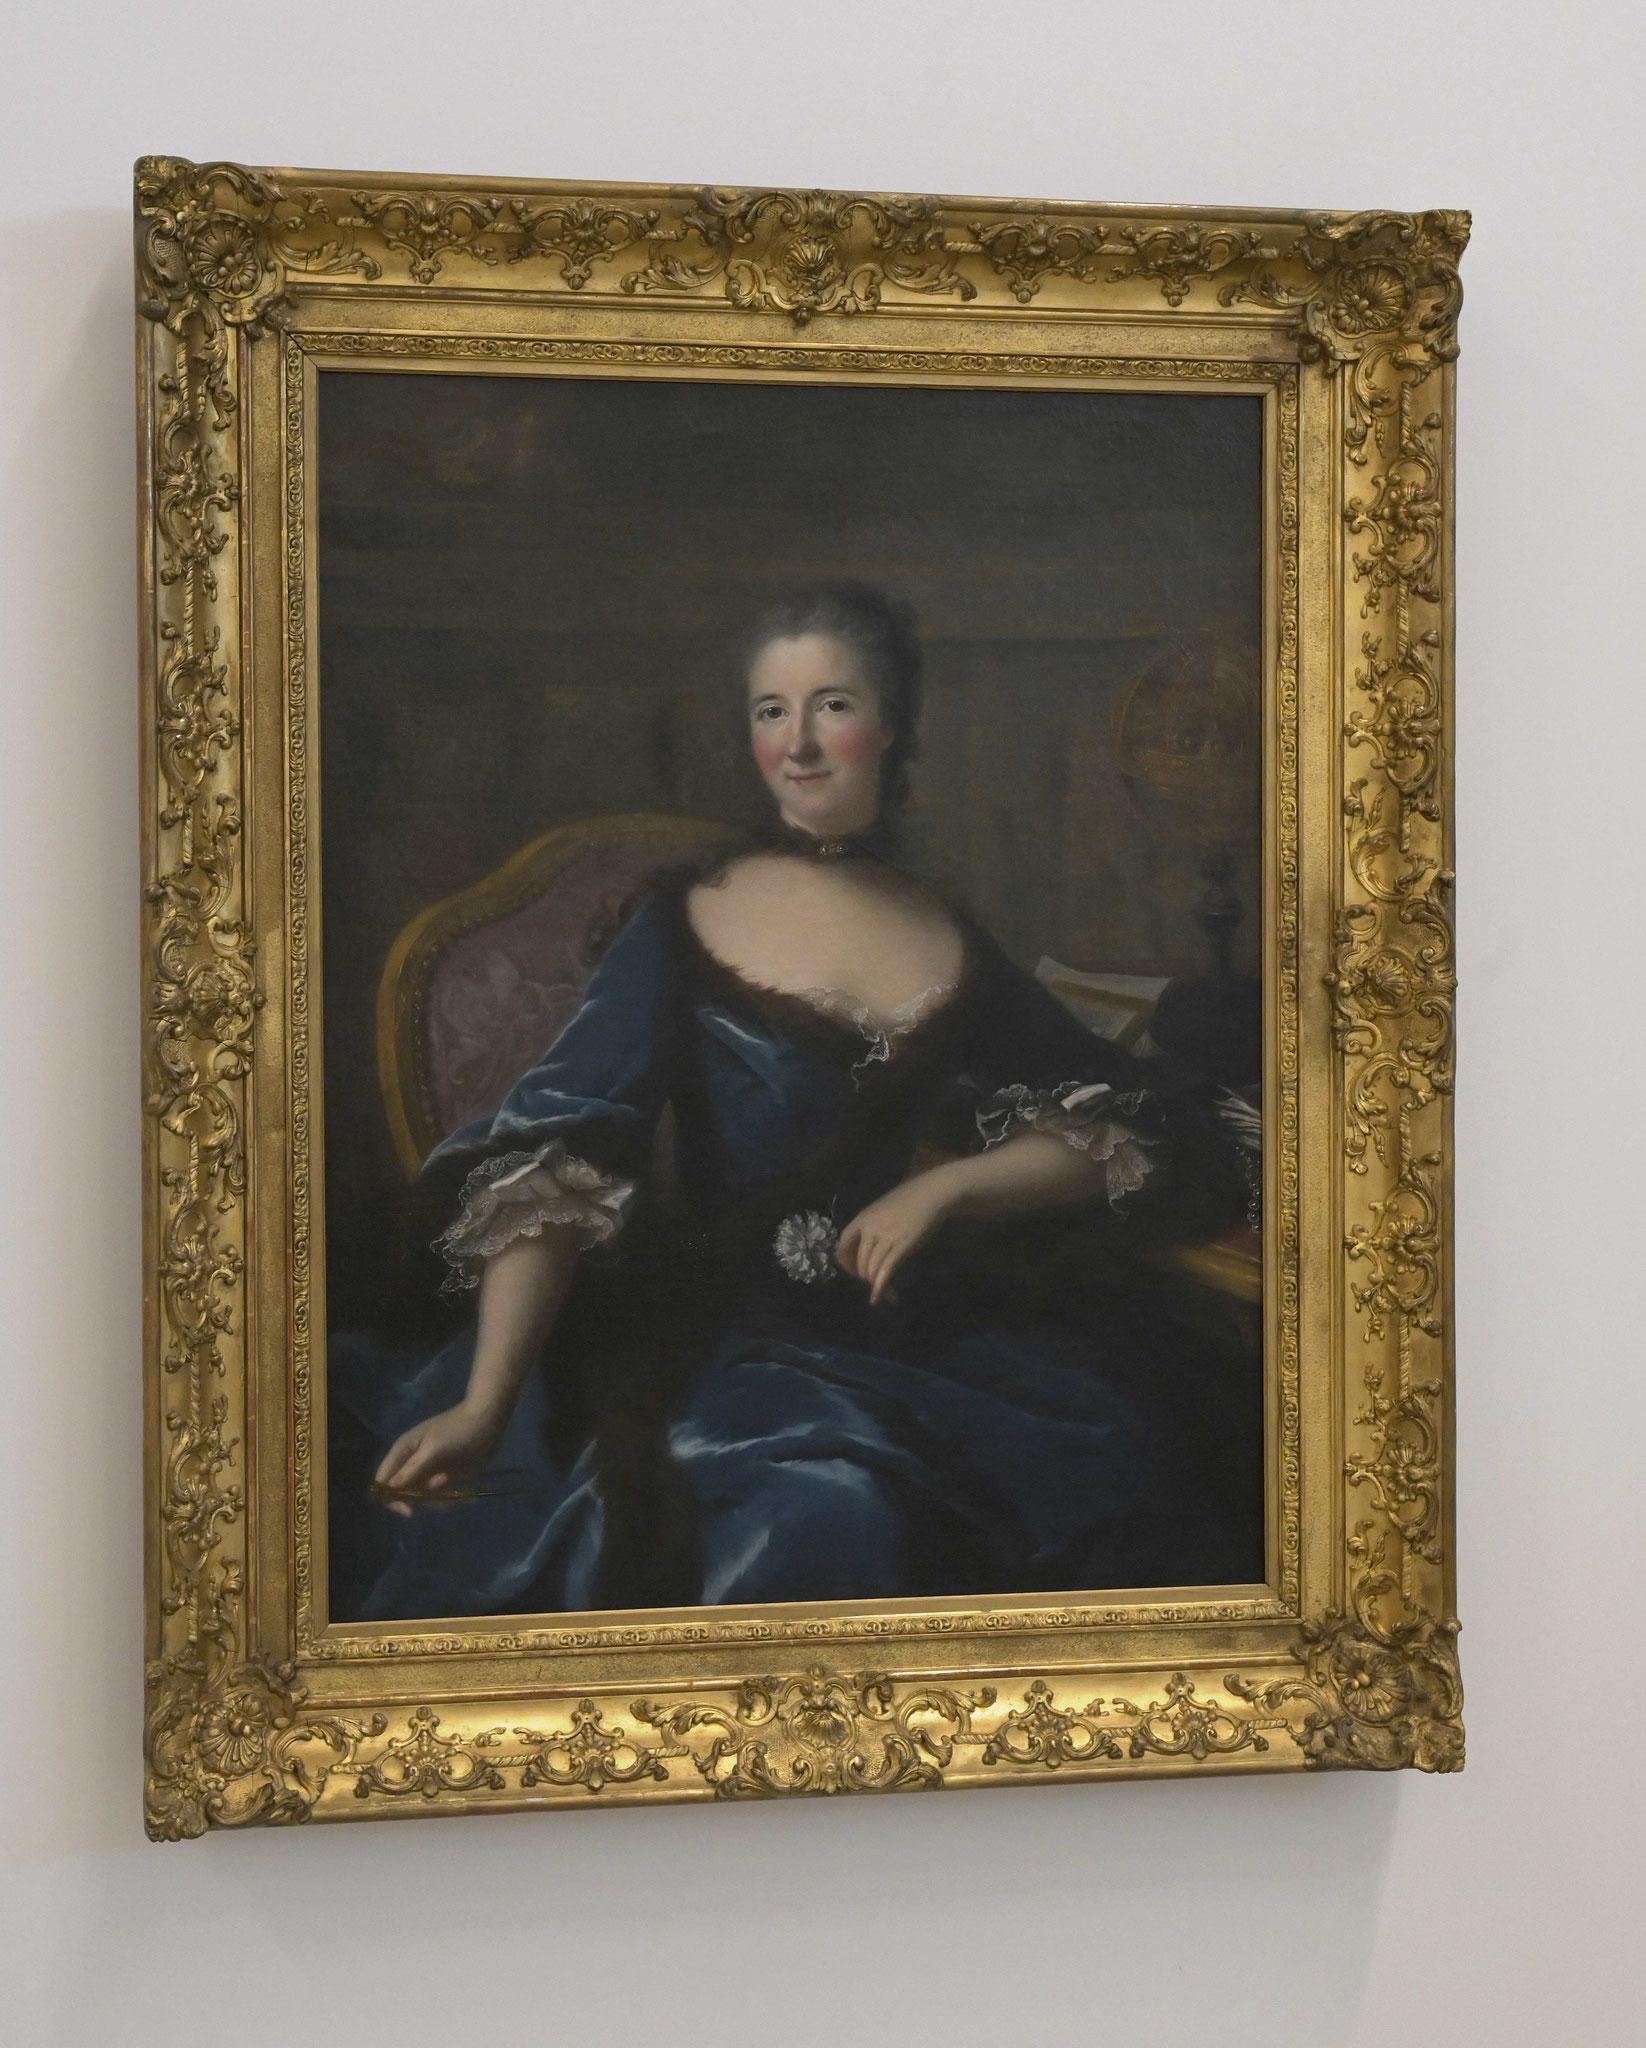 Portrait de la physicienne Emilie Chatelet, tenant une fleur, indique l'affirmation des femmes au XVIIIe siècle